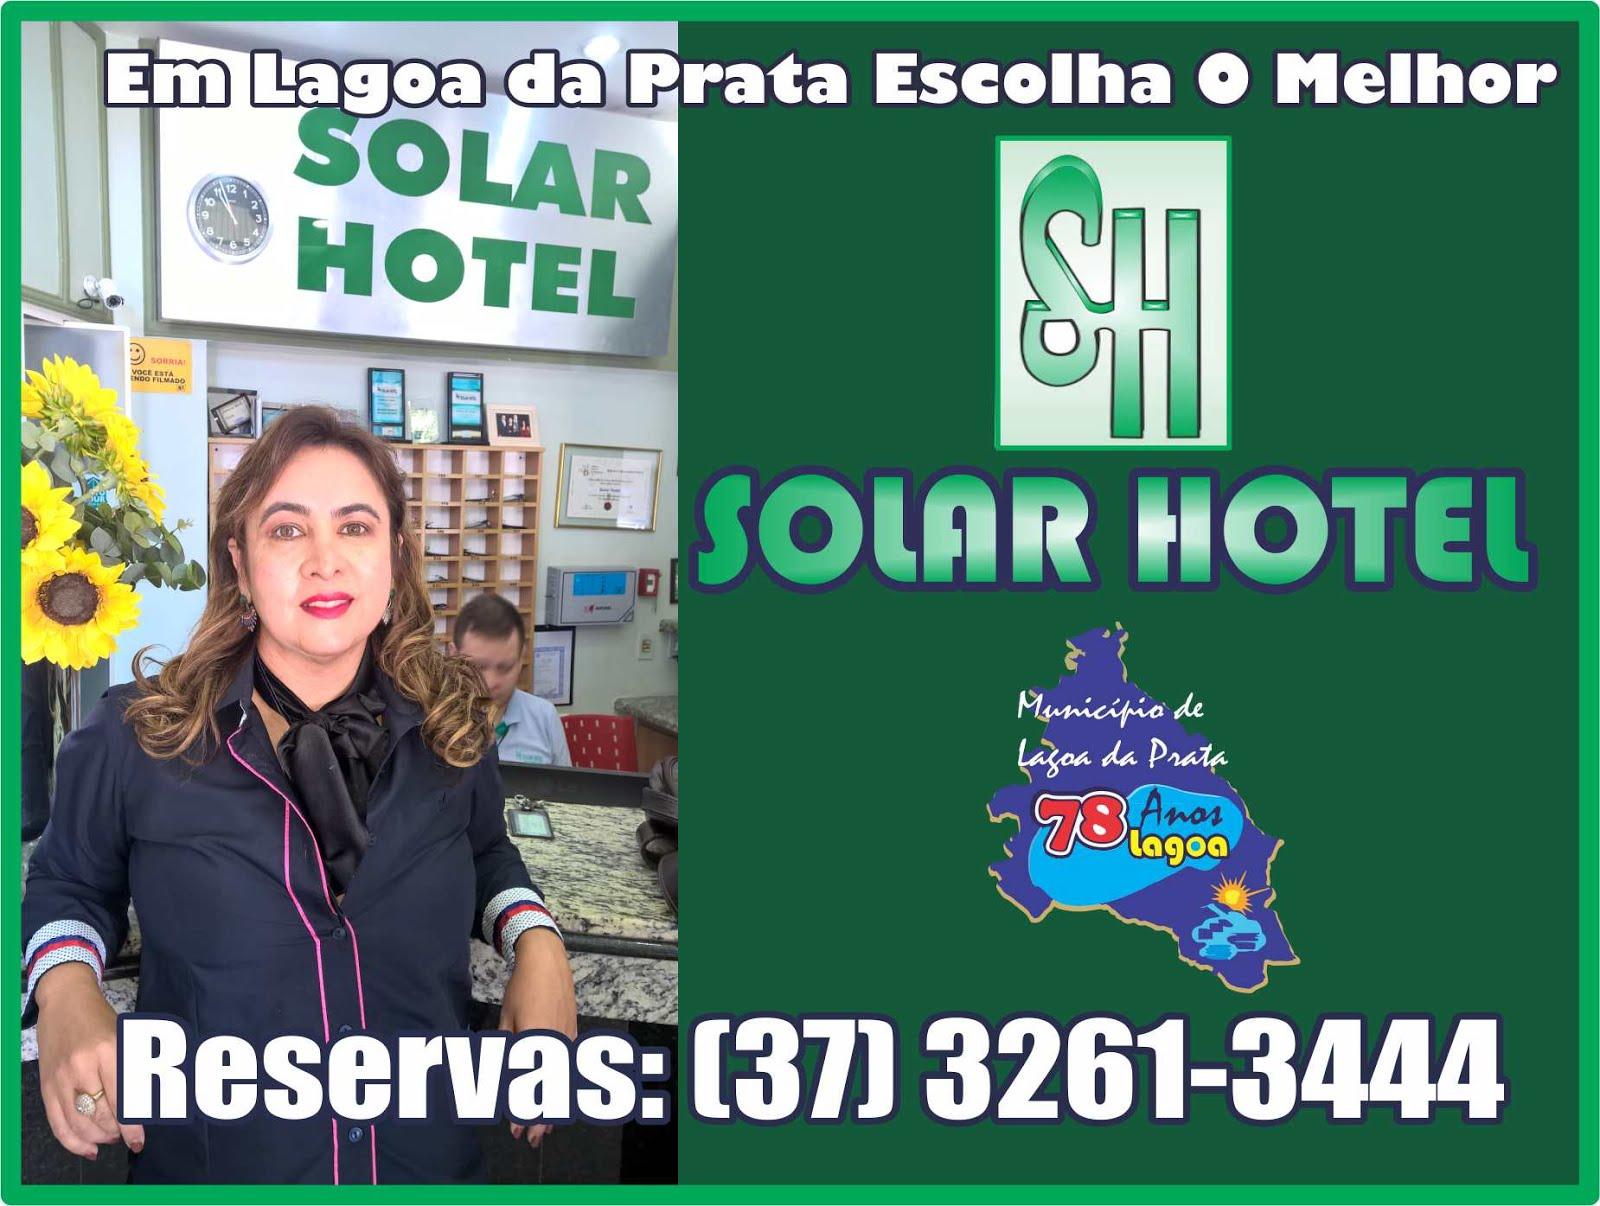 Hotel Solar Hotel em Lagoa da Prata Escolha O Melhor